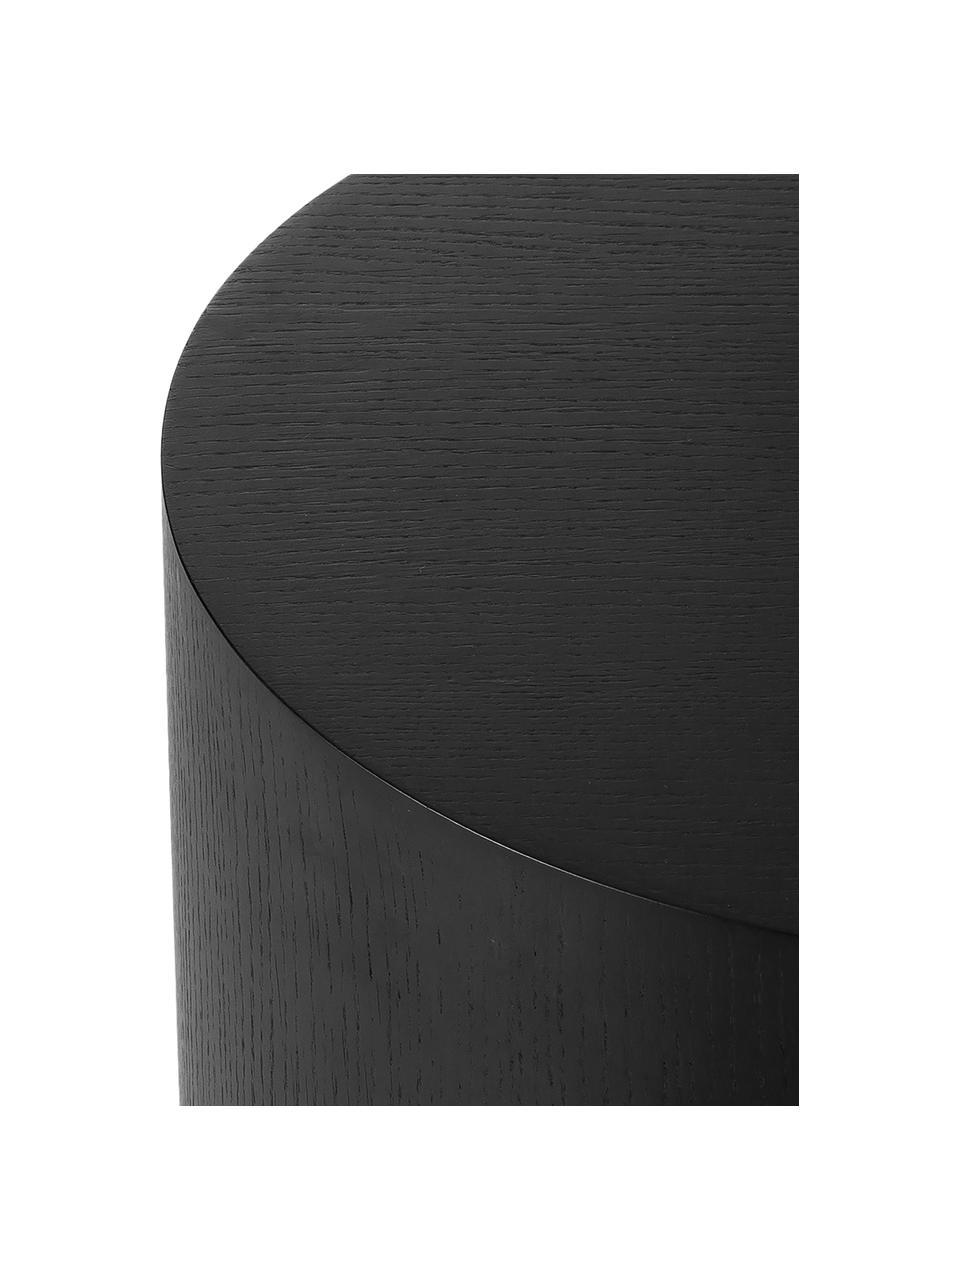 Table d'appoint noire Clarice, Corps: bois de frêne, laqué noir Pied: couleur dorée